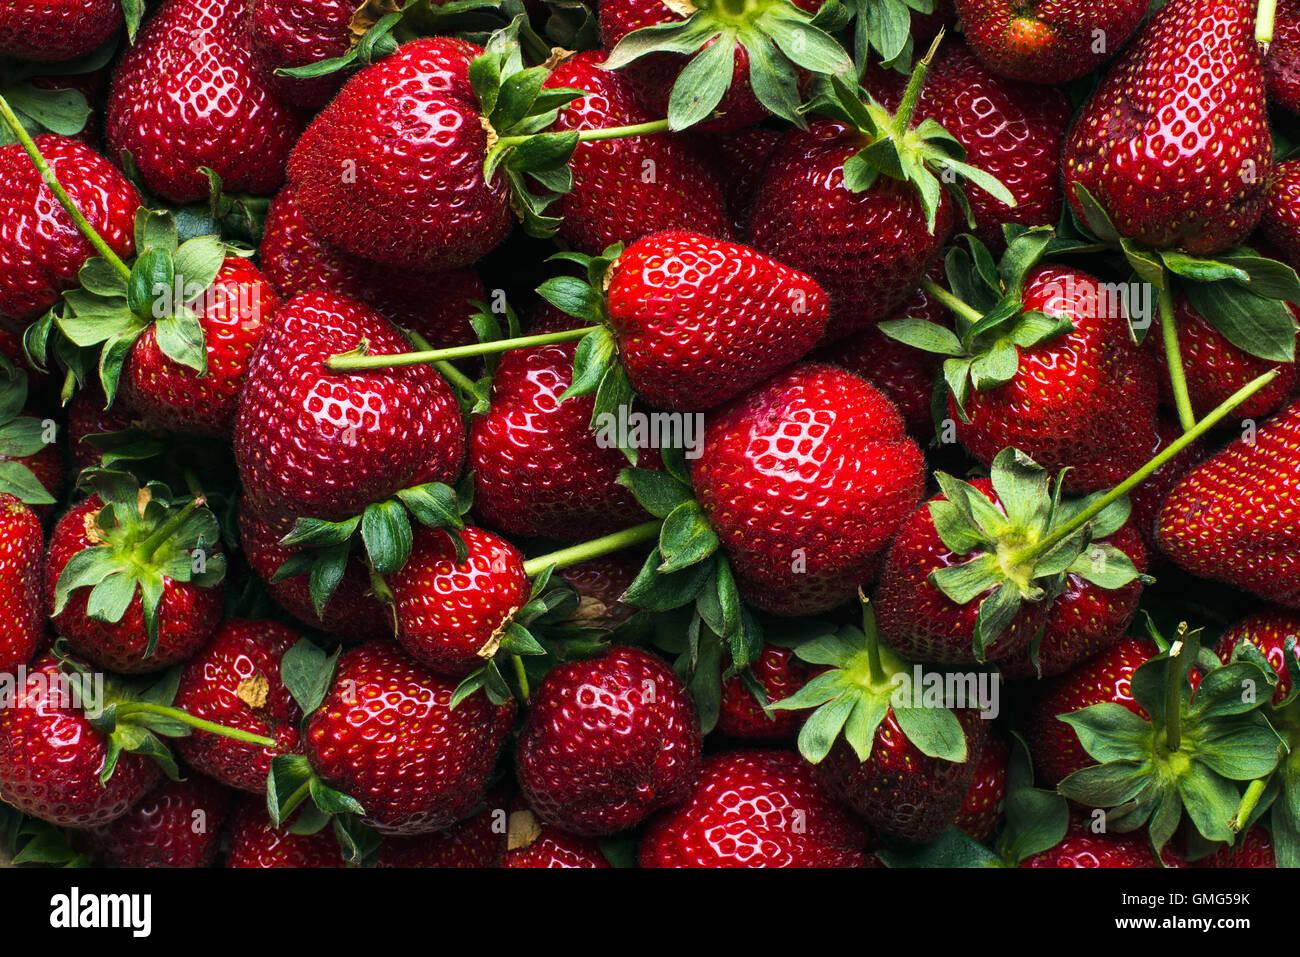 Frisch geerntete reife Erdbeeren, Ansicht von oben Stockbild